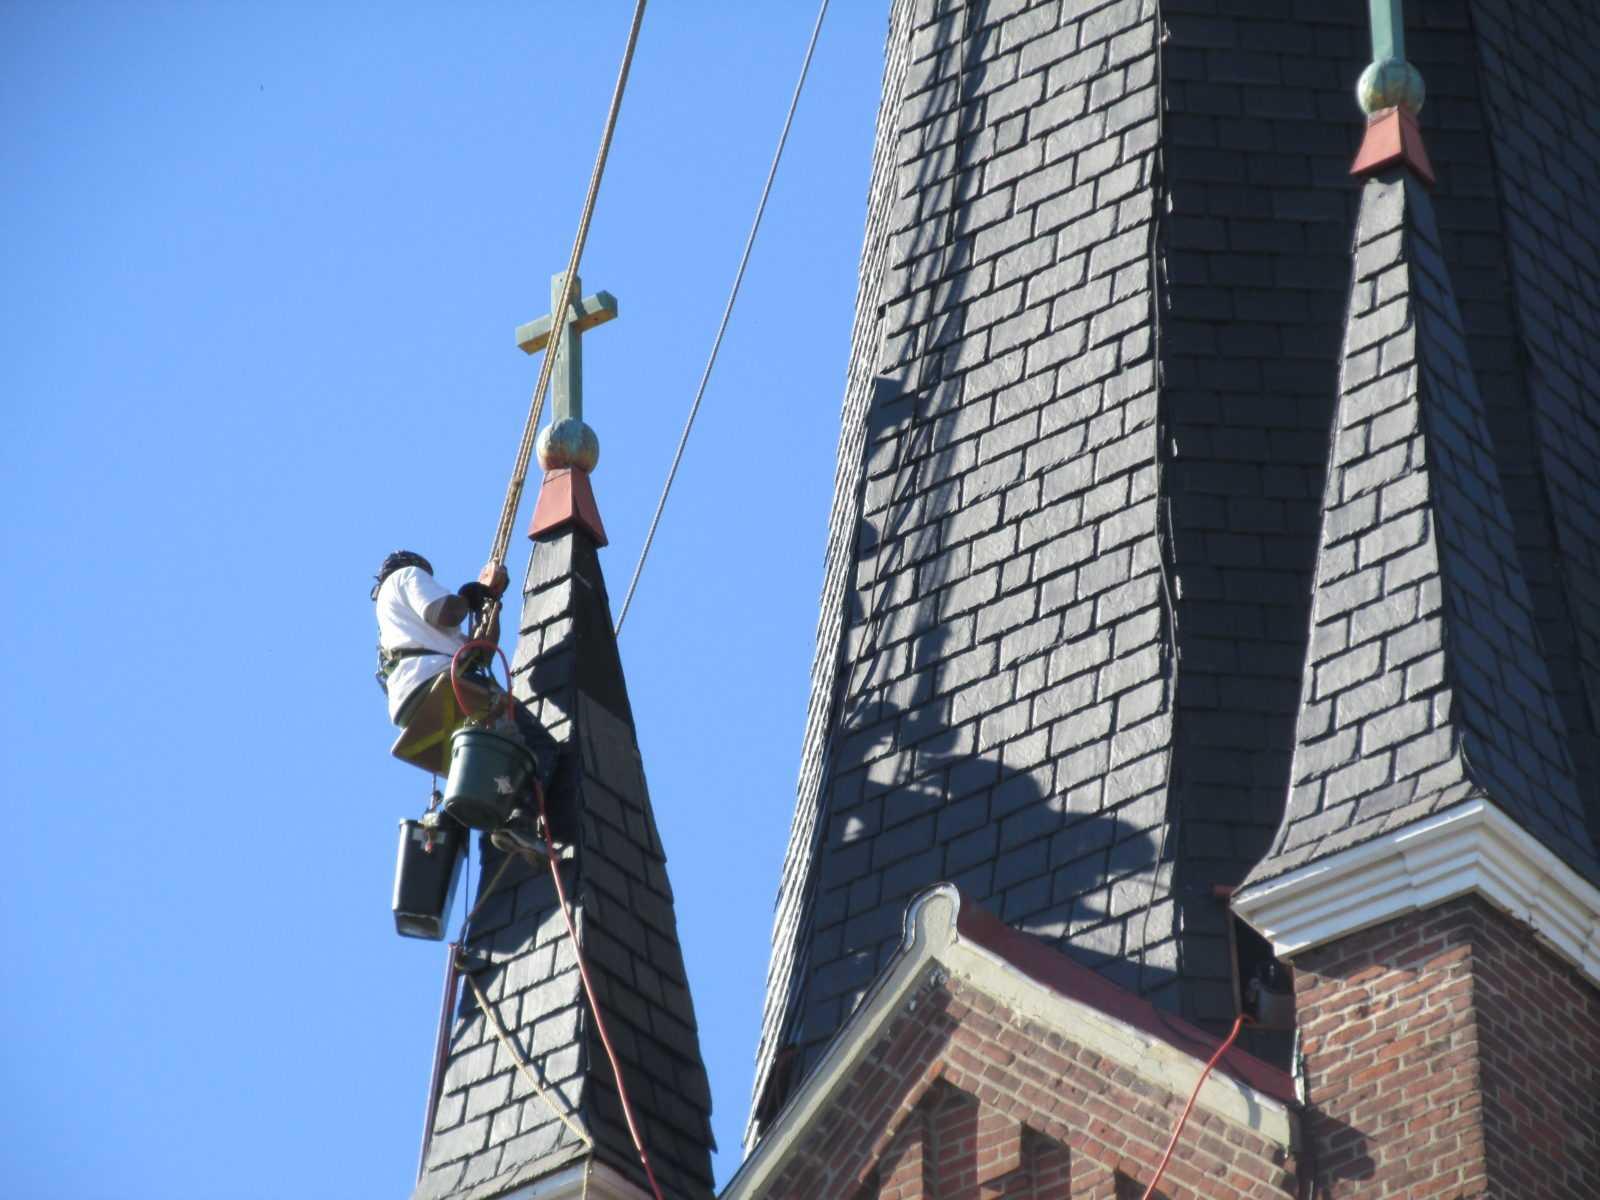 Steeplejack roofers